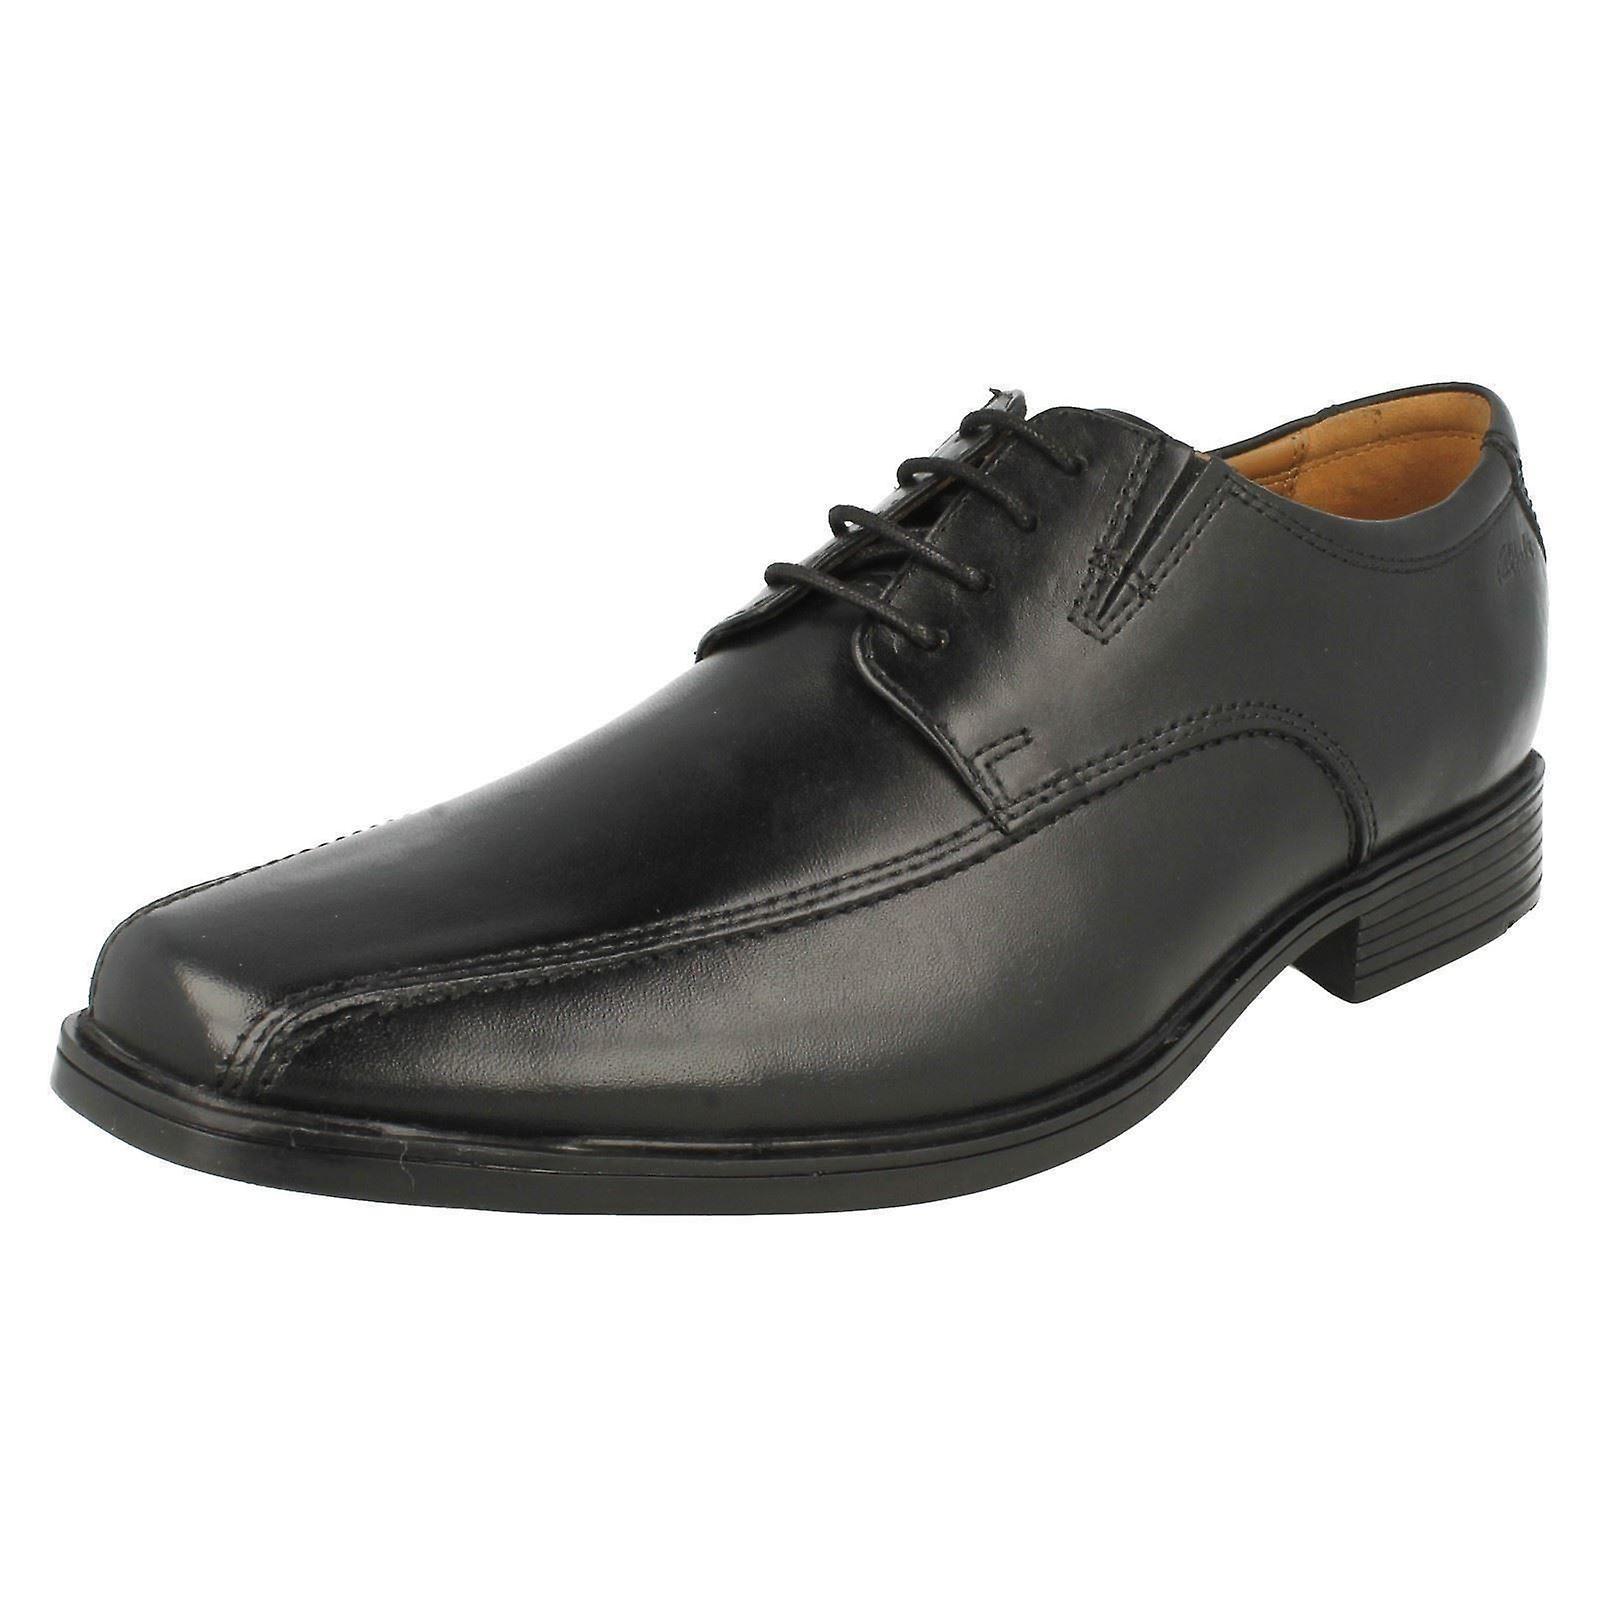 Mens Clarks formelle chaussures de marche Tilden